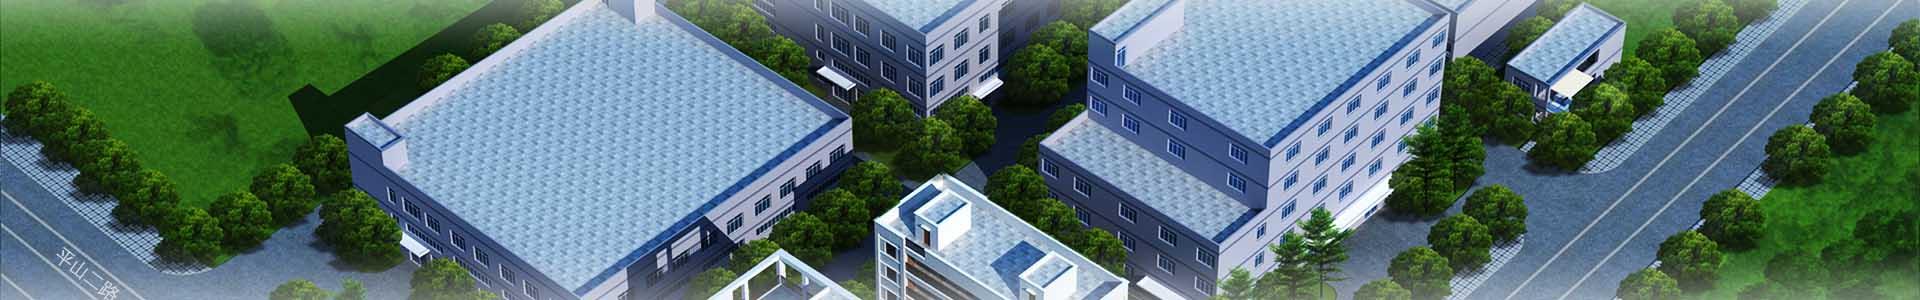 亚博app下载地址亚博体育yabo88亚博体育88app官网三供一业电力设计招标公告